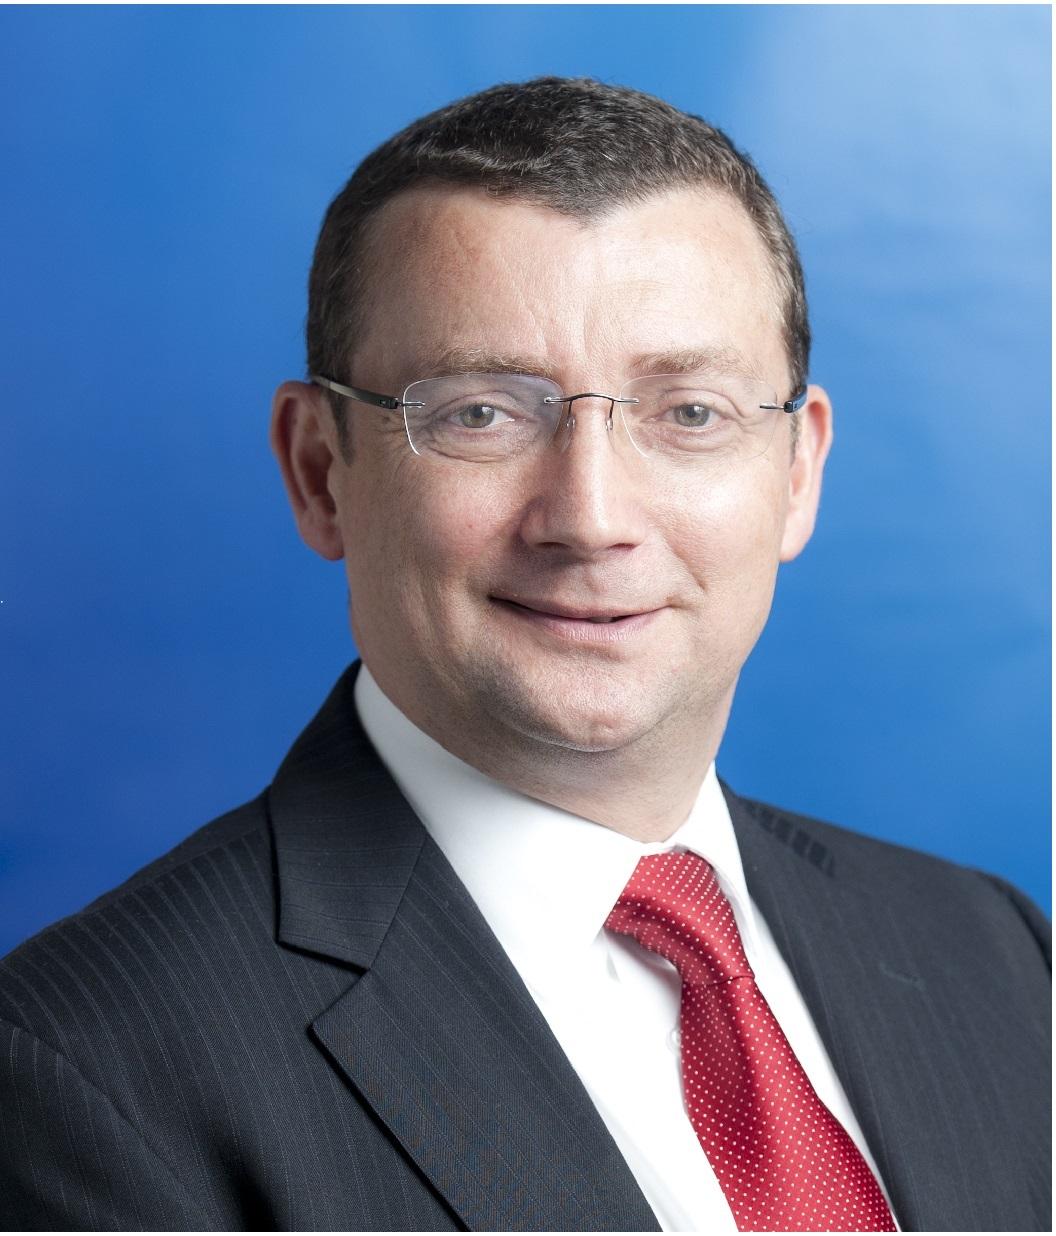 Mr. Andrew Weir